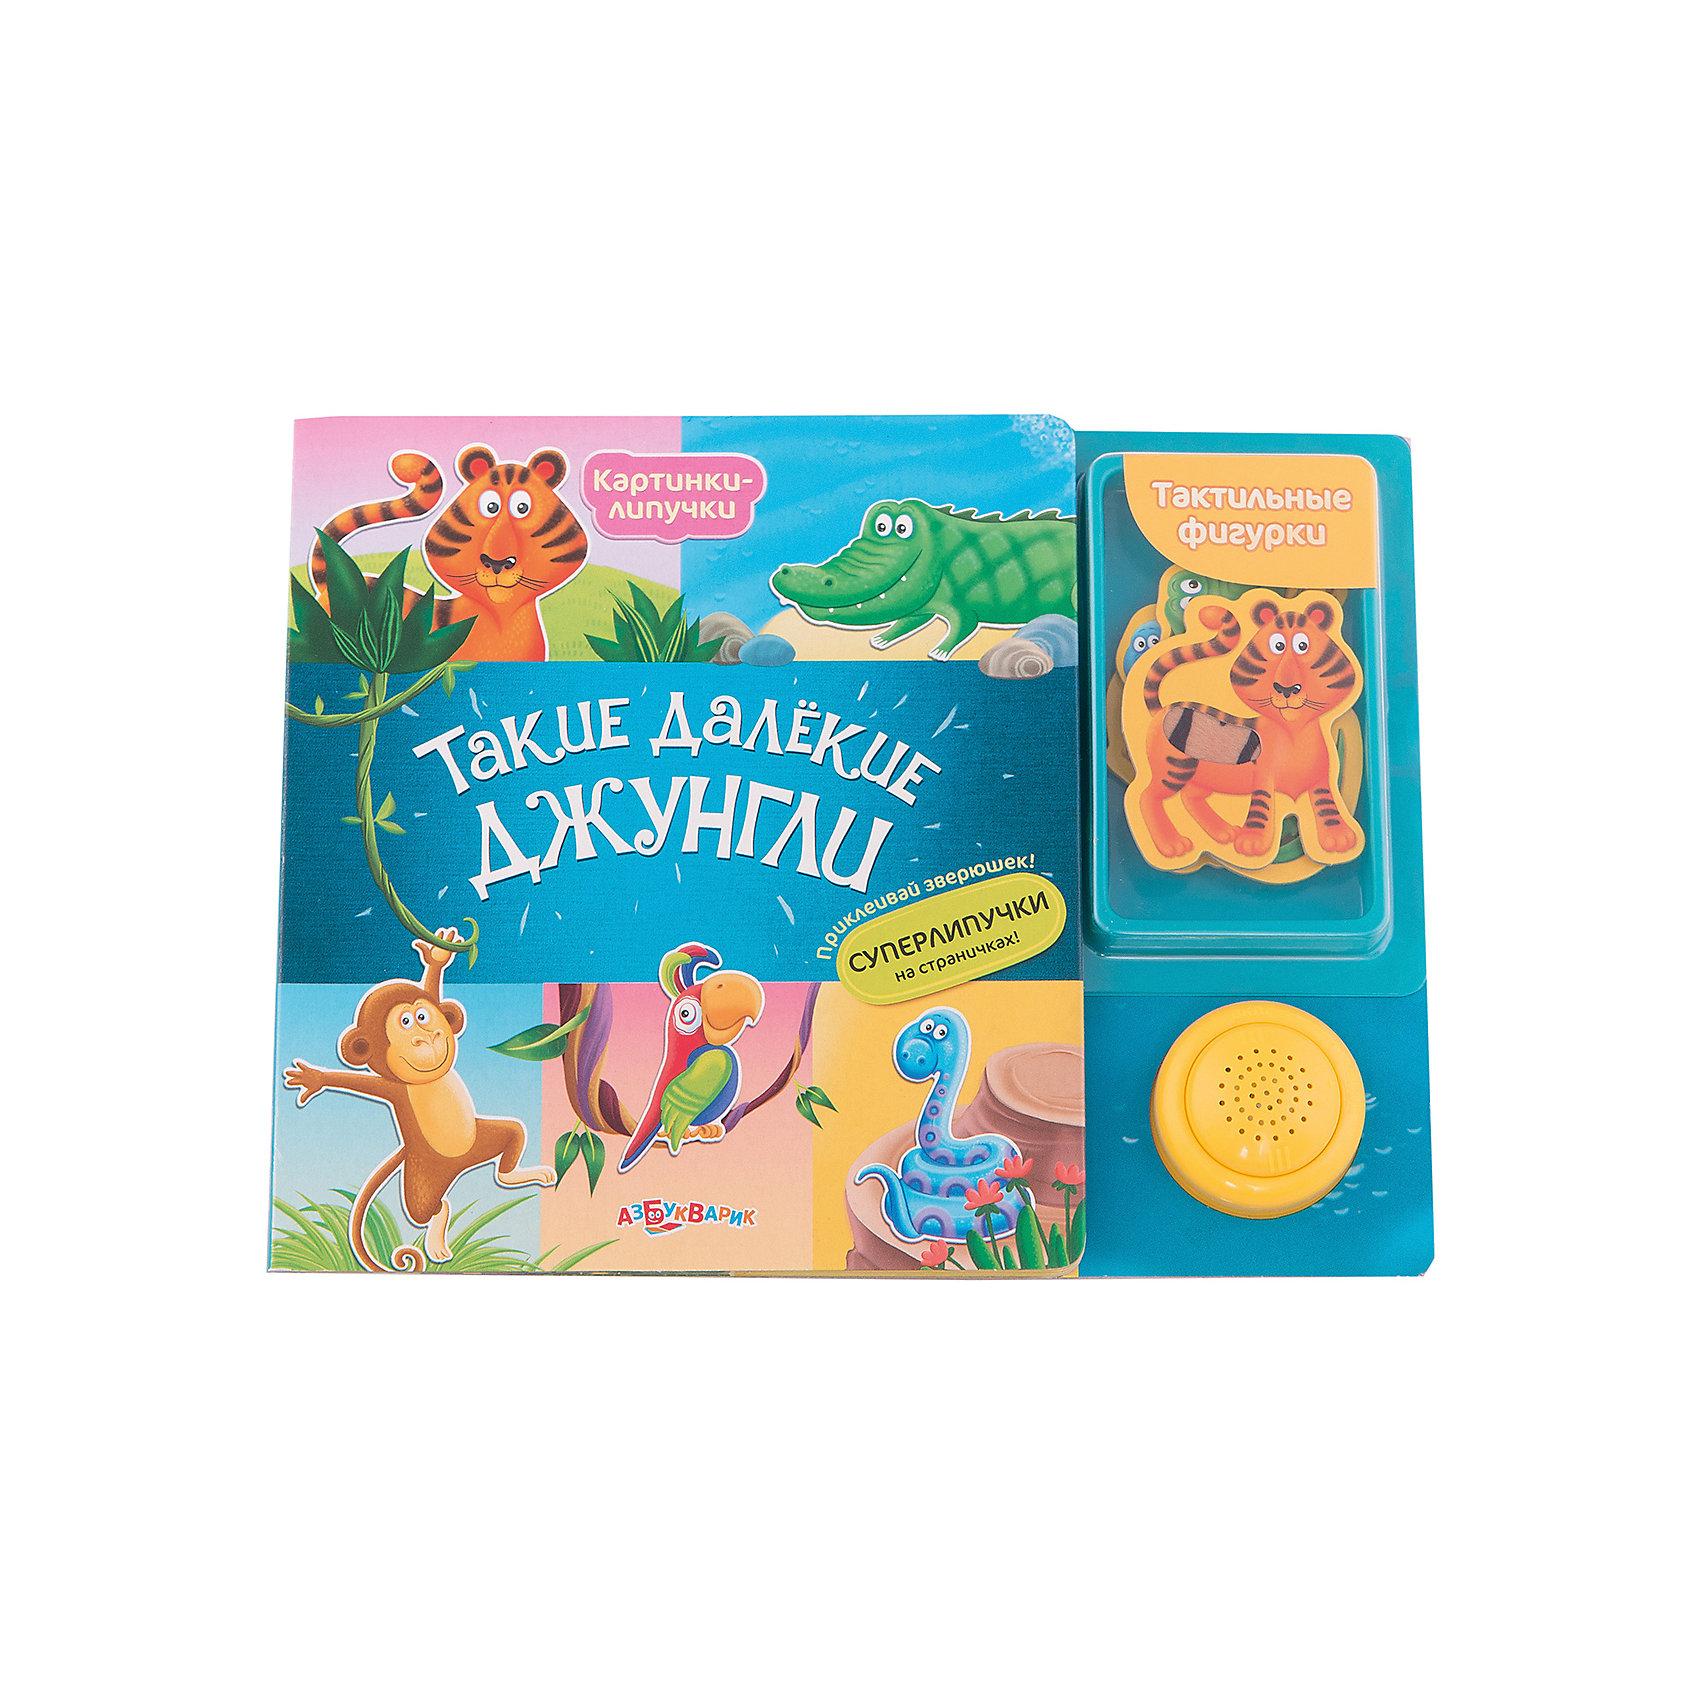 Книга Такие далекие джунгли. Картинки-липучкиКнига Такие далекие джунгли. Картинки-липучки – эта красочная книга-игра с музыкальным модулем познакомит малыша с обитателями джунглей.<br>В книге Такие далекие джунгли можно не только прочитать веселые стихи, но и поиграть со зверюшками. Забавные фигурки прикрепляются к страничкам с помощью липучек. Малыш подберёт для зверят лакомство и подходящее занятие, отыщет место для ночлега и придумает много интересных историй. А ещё он сможет погладить зверюшек, ведь на фигурках есть тактильные вставки. Голоса животных, записанные на музыкальном модуле, оживят игру.<br><br>Дополнительная информация:<br><br>- Автор стихов: Б. Вайнер<br>- Художник: Ю. Макучкина<br>- Издательство: Азбукварик Групп<br>- Серия: Картинки-липучки<br>- Тип обложки: картон<br>- Оформление: музыкальный модуль, фигурки-липучки<br>- Количество страниц: 12 (картон)<br>- Иллюстрации: цветные<br>- Батарейки: 3 типа AG13/LR44 (в комплекте демонстрационные)<br>- Размер: 275х15х210 мм.<br>- Вес: 356 гр.<br><br>Книгу Такие далекие джунгли. Картинки-липучки можно купить в нашем интернет-магазине.<br><br>Ширина мм: 275<br>Глубина мм: 15<br>Высота мм: 210<br>Вес г: 356<br>Возраст от месяцев: 12<br>Возраст до месяцев: 36<br>Пол: Унисекс<br>Возраст: Детский<br>SKU: 4663800